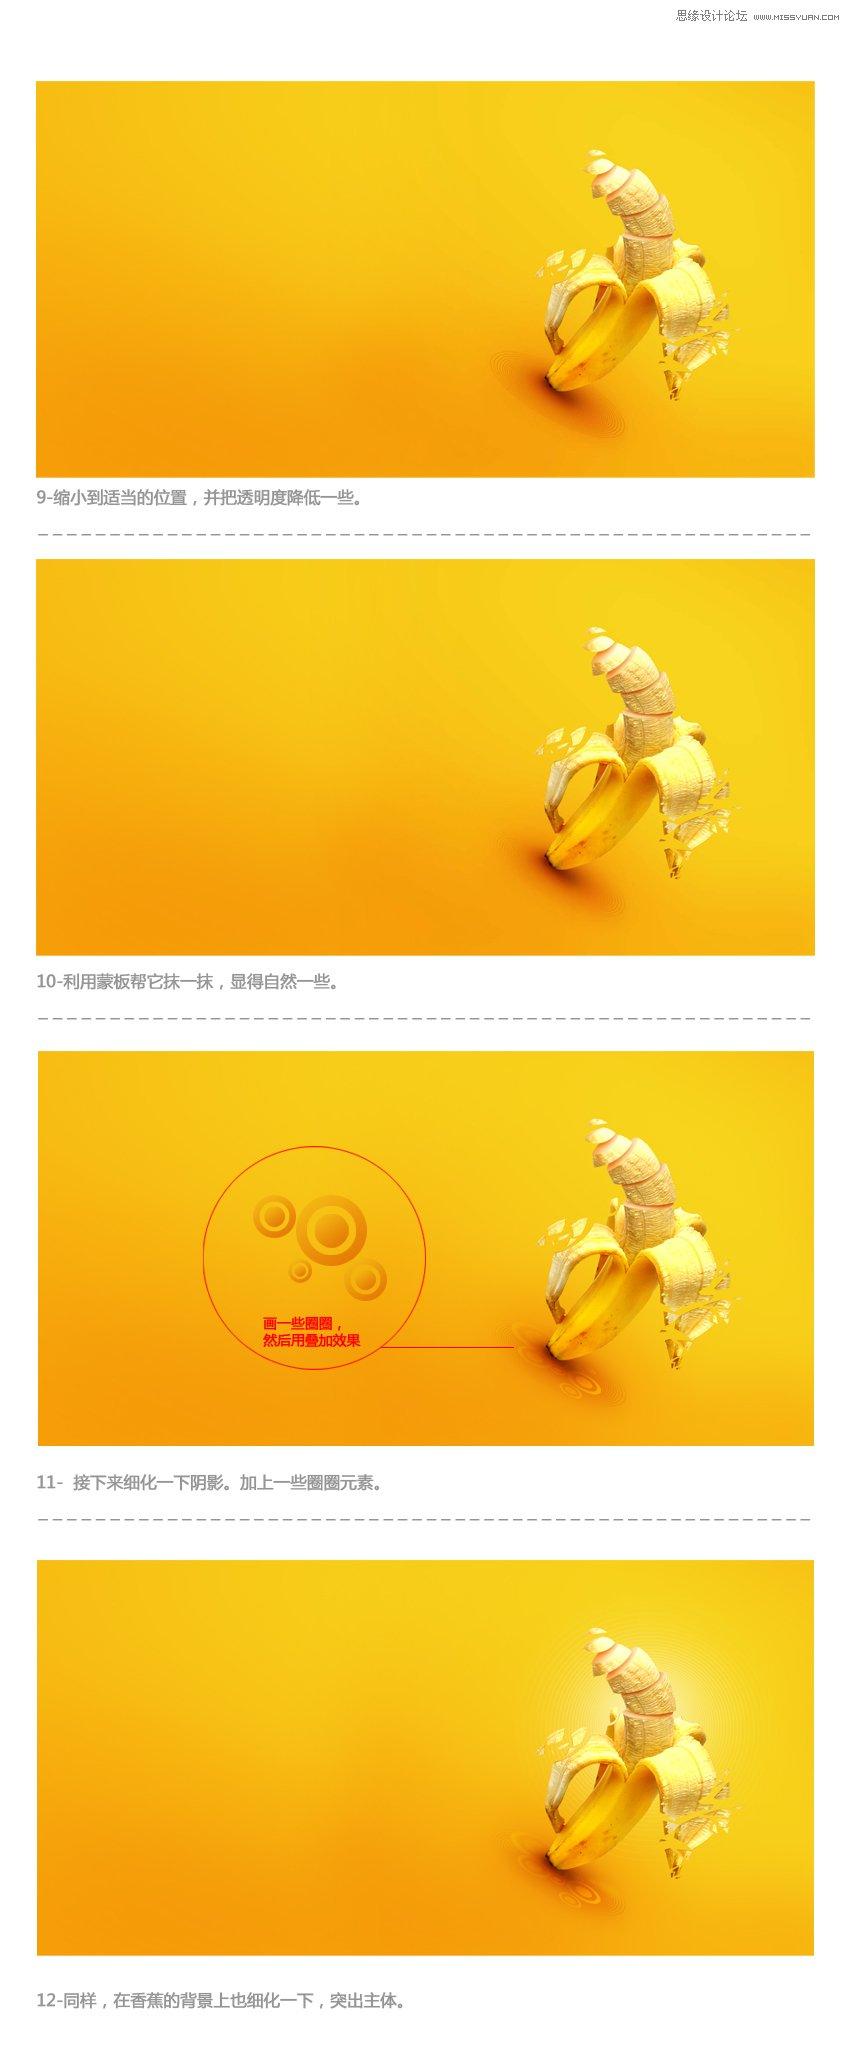 photoshop创意设计香蕉派对宣传海报